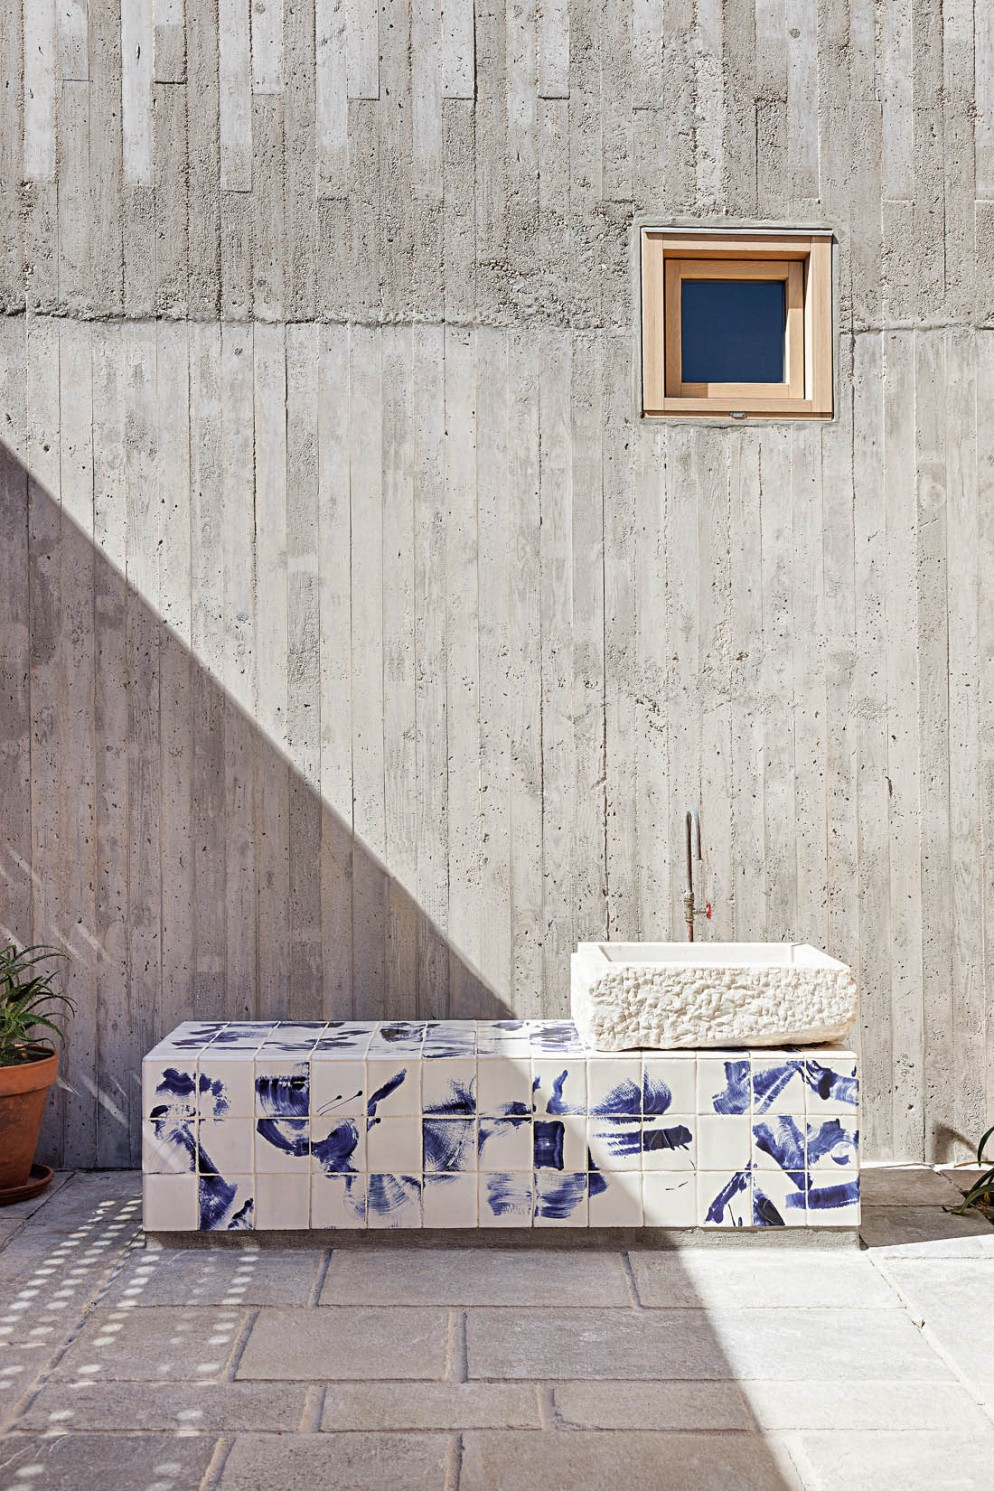 patio-house-di-karpathos-grecia-ooak-architects-10